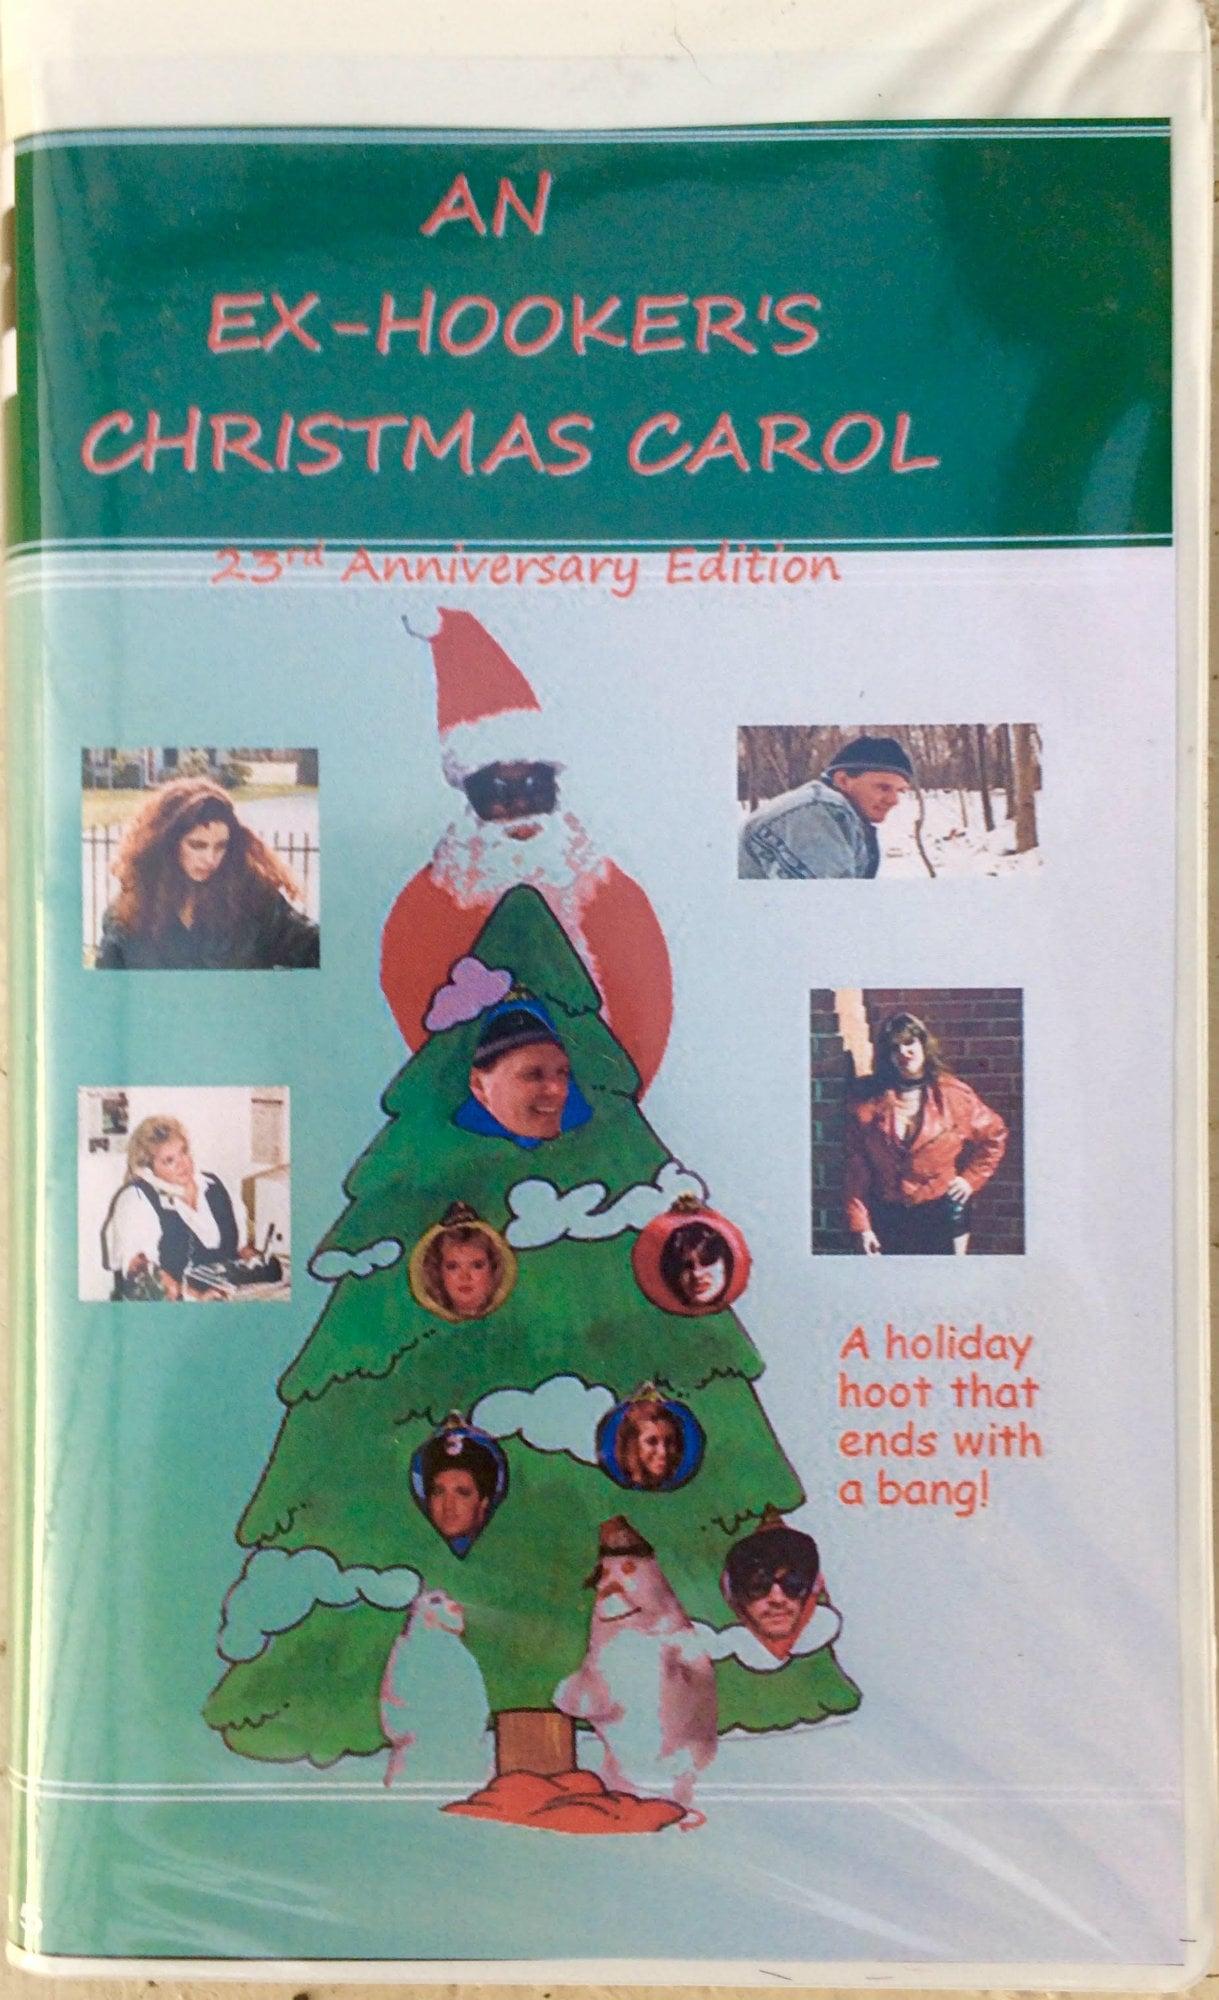 An Ex-Hooker's Christmas Carol